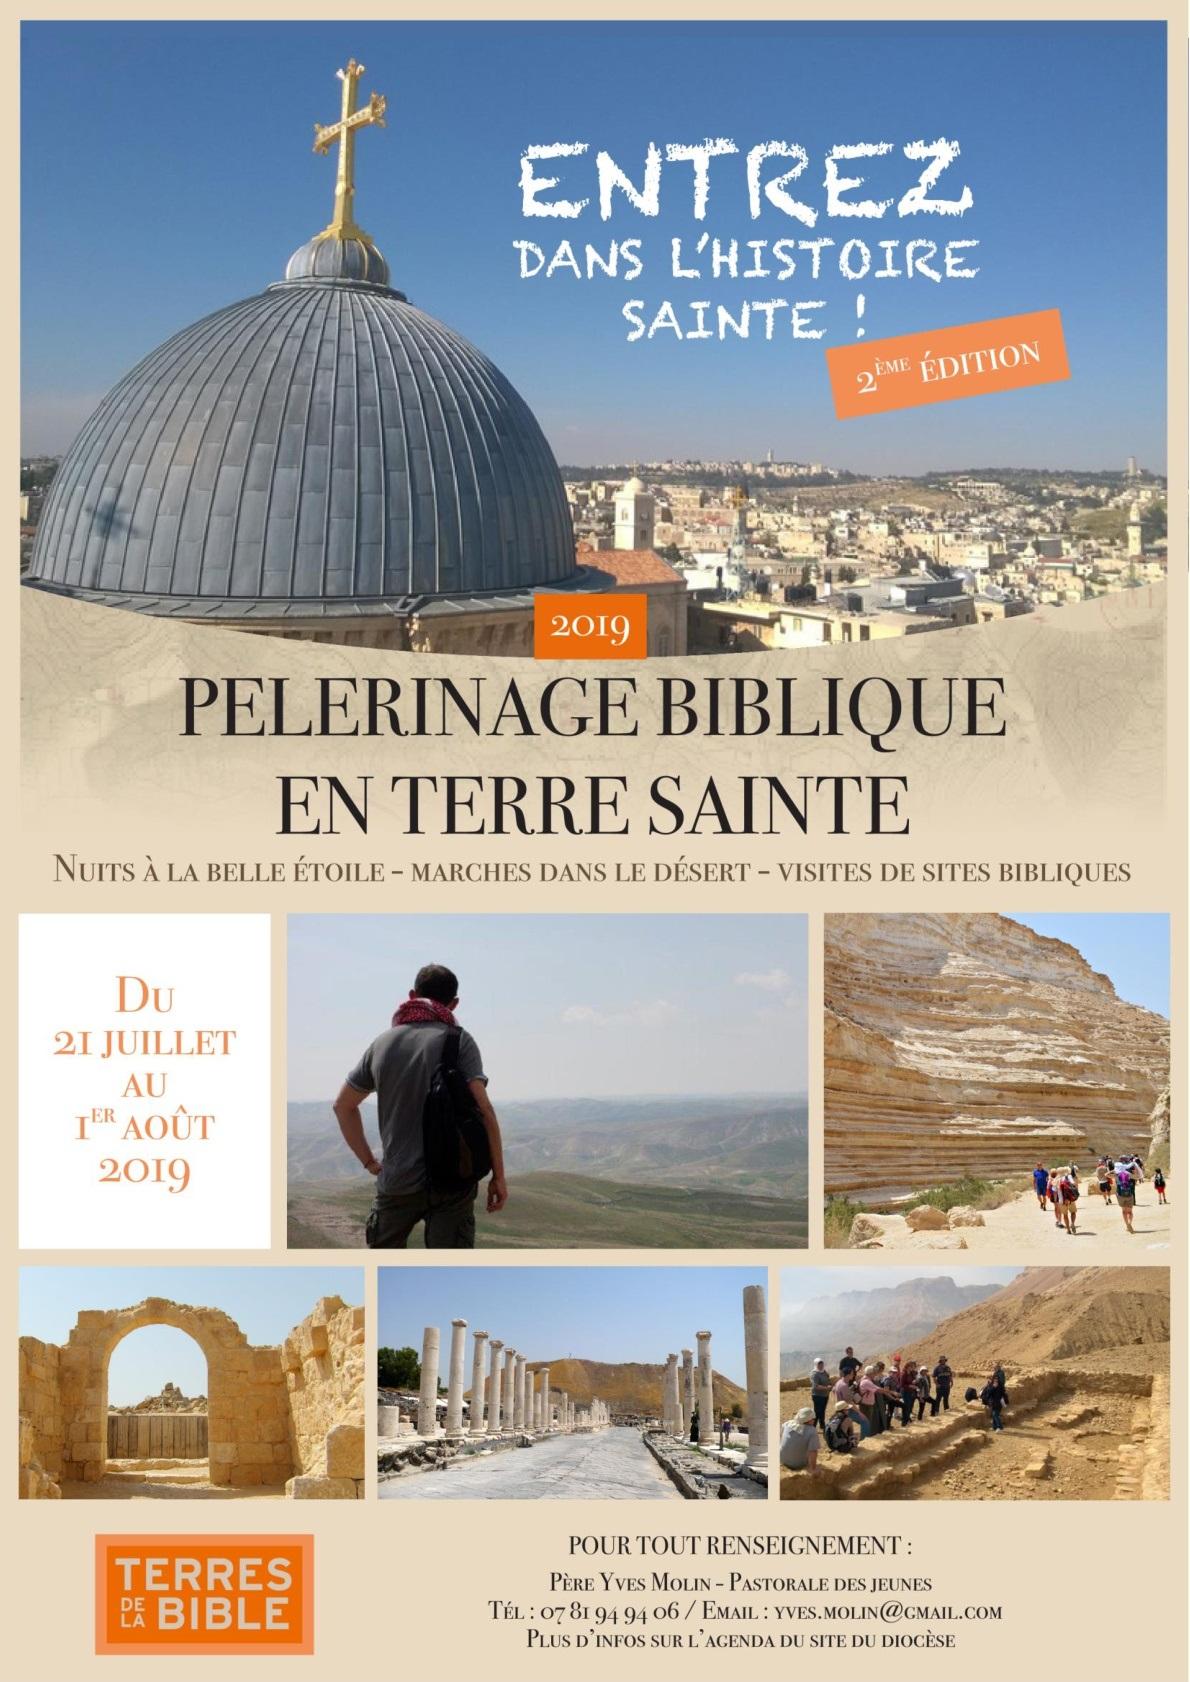 Pèlerinage en Terre Sainte organisé par le Père Yves MOLIN pour les jeunes du diocèse de Moulins